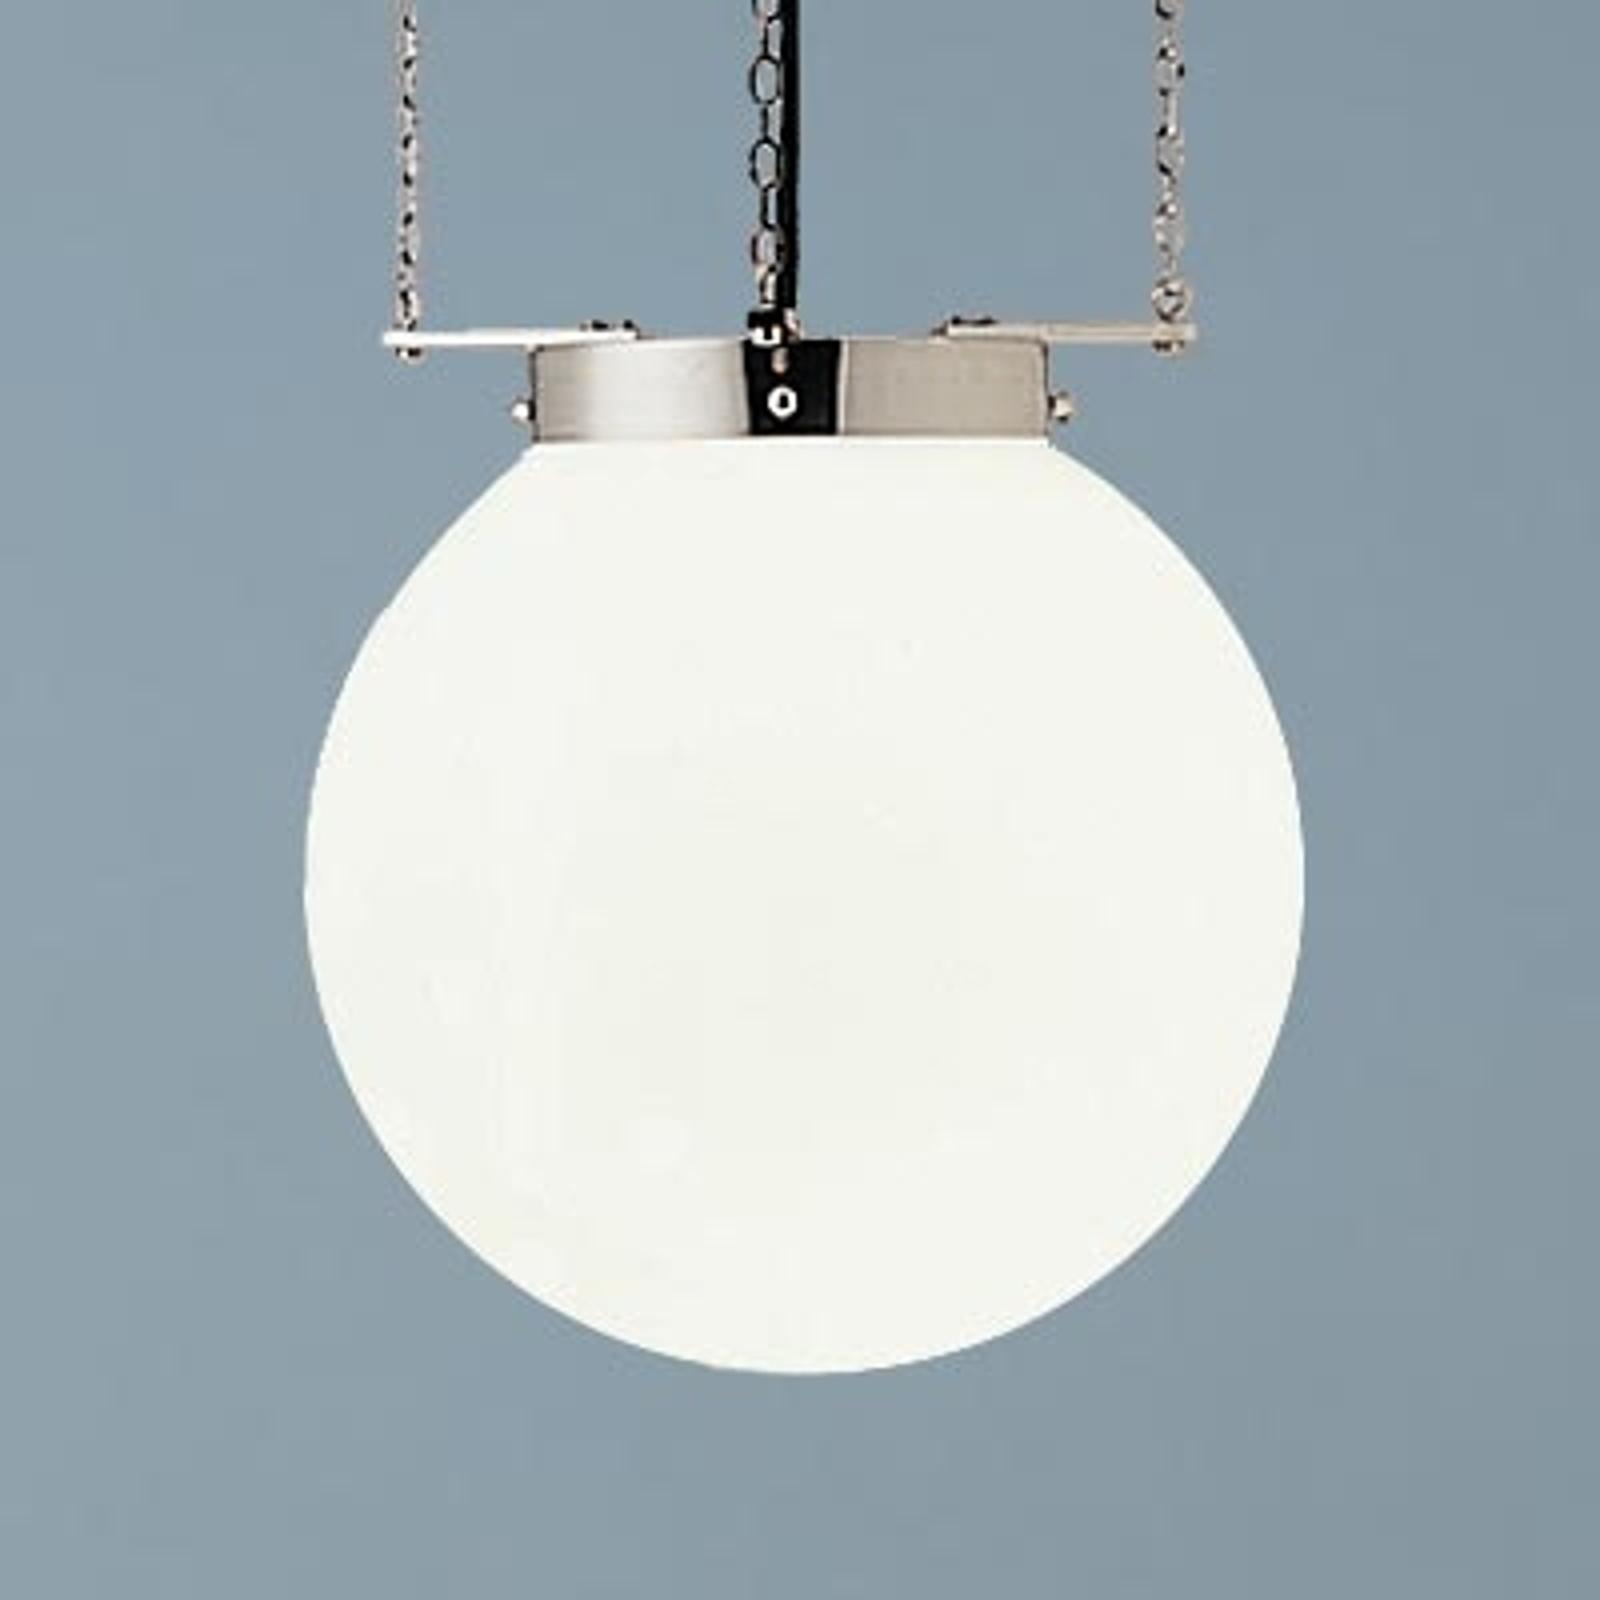 Lampa wisząca w stylu Bauhaus nikiel 30 cm